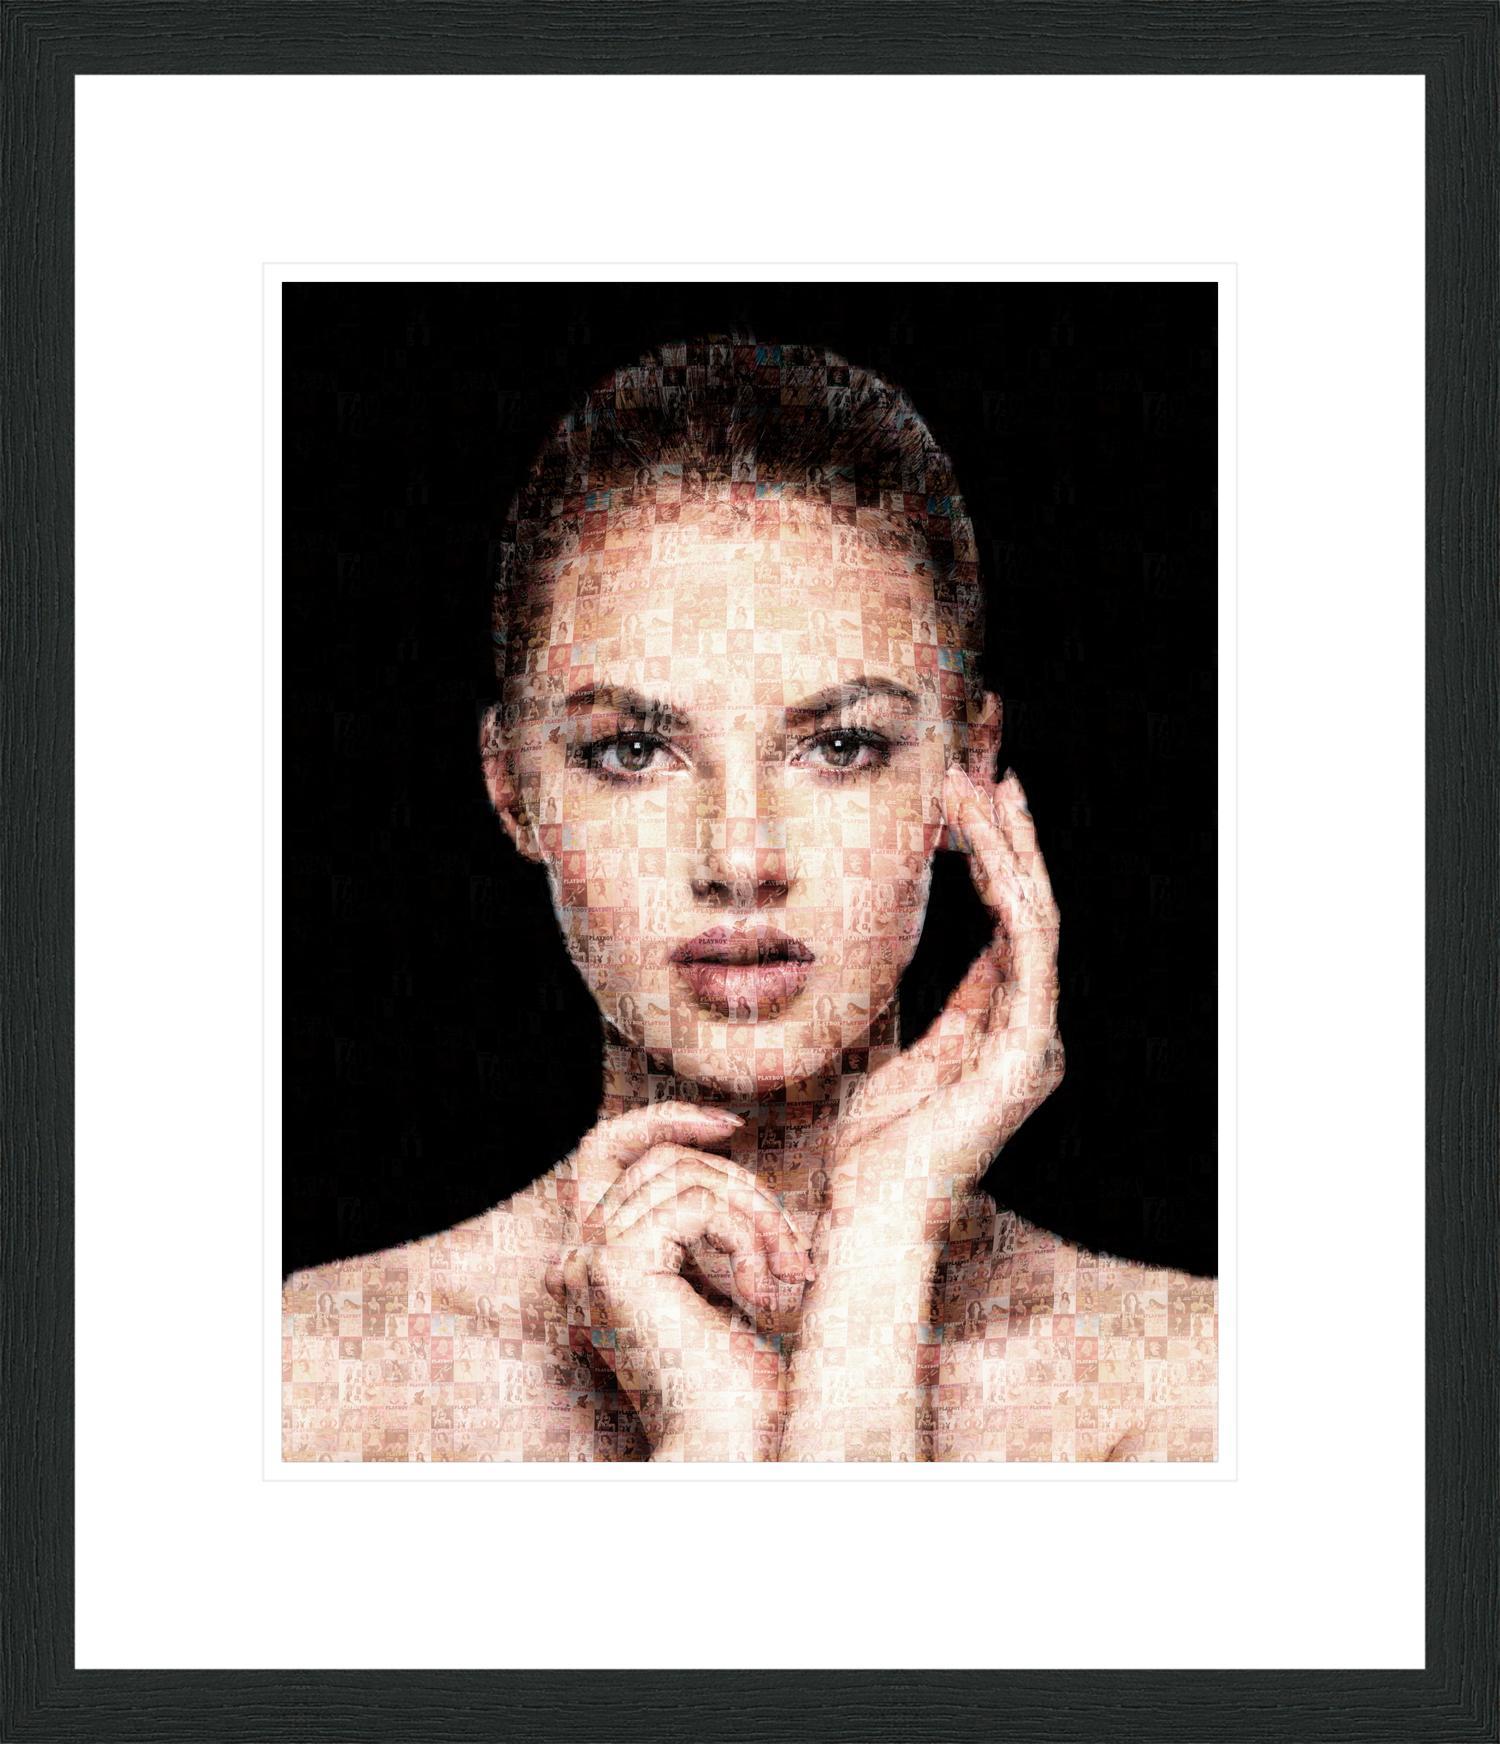 Cover Girl - Erik Brede